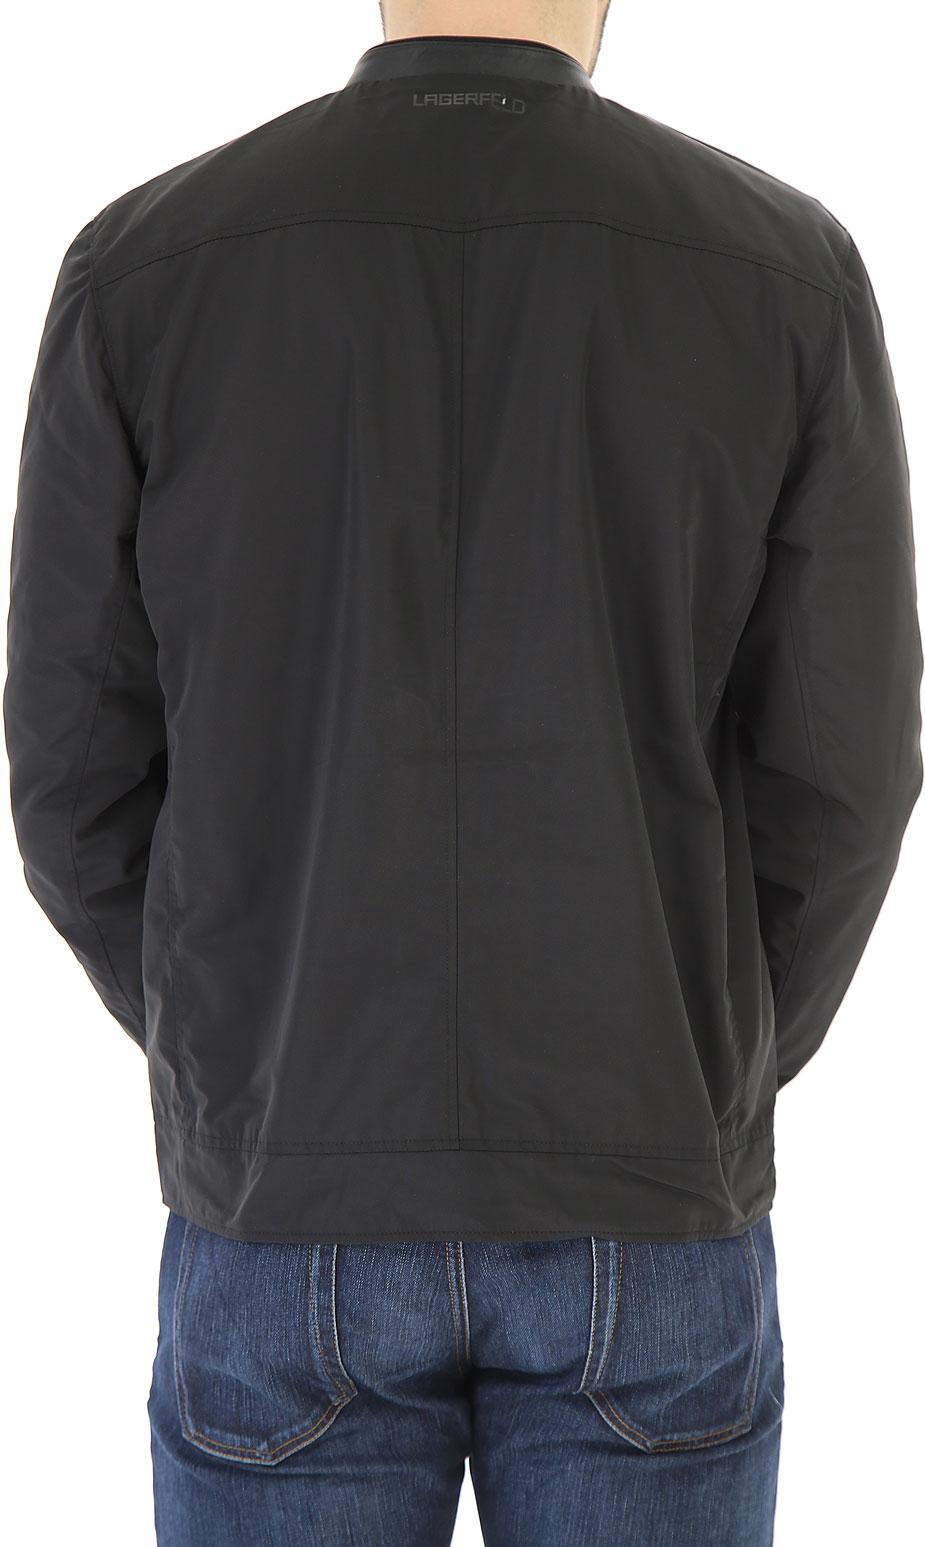 Abbigliamento Uomo Rick Owens, Codice Articolo: ru18s5395-bs-09